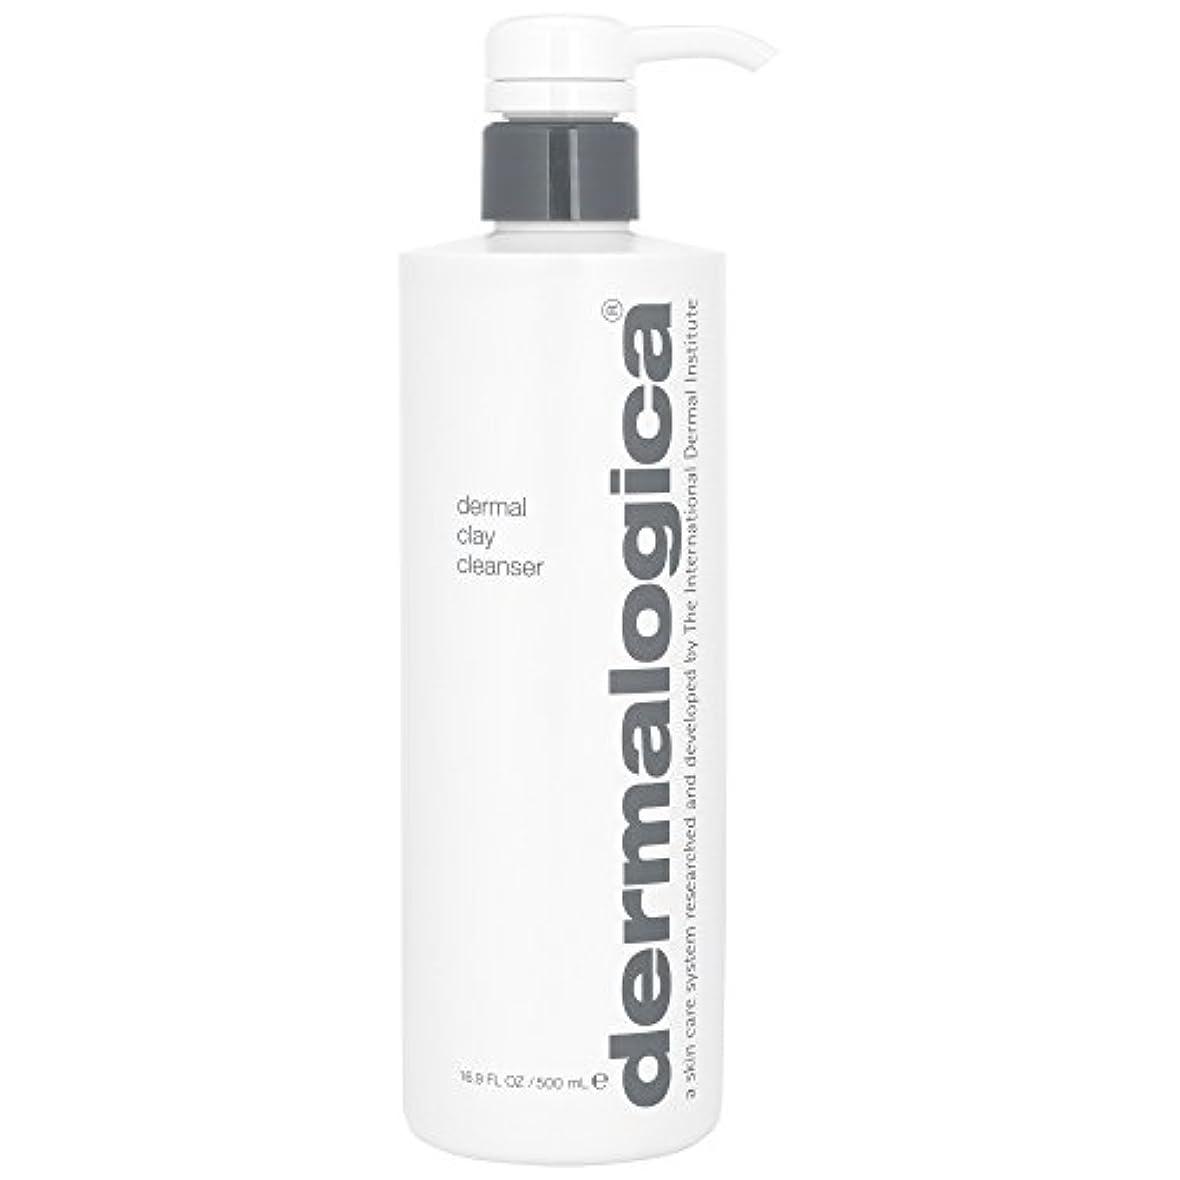 おもちゃ妊娠した遷移ダーマロジカ真皮クレイクレンザー500ミリリットル (Dermalogica) (x2) - Dermalogica Dermal Clay Cleanser 500ml (Pack of 2) [並行輸入品]